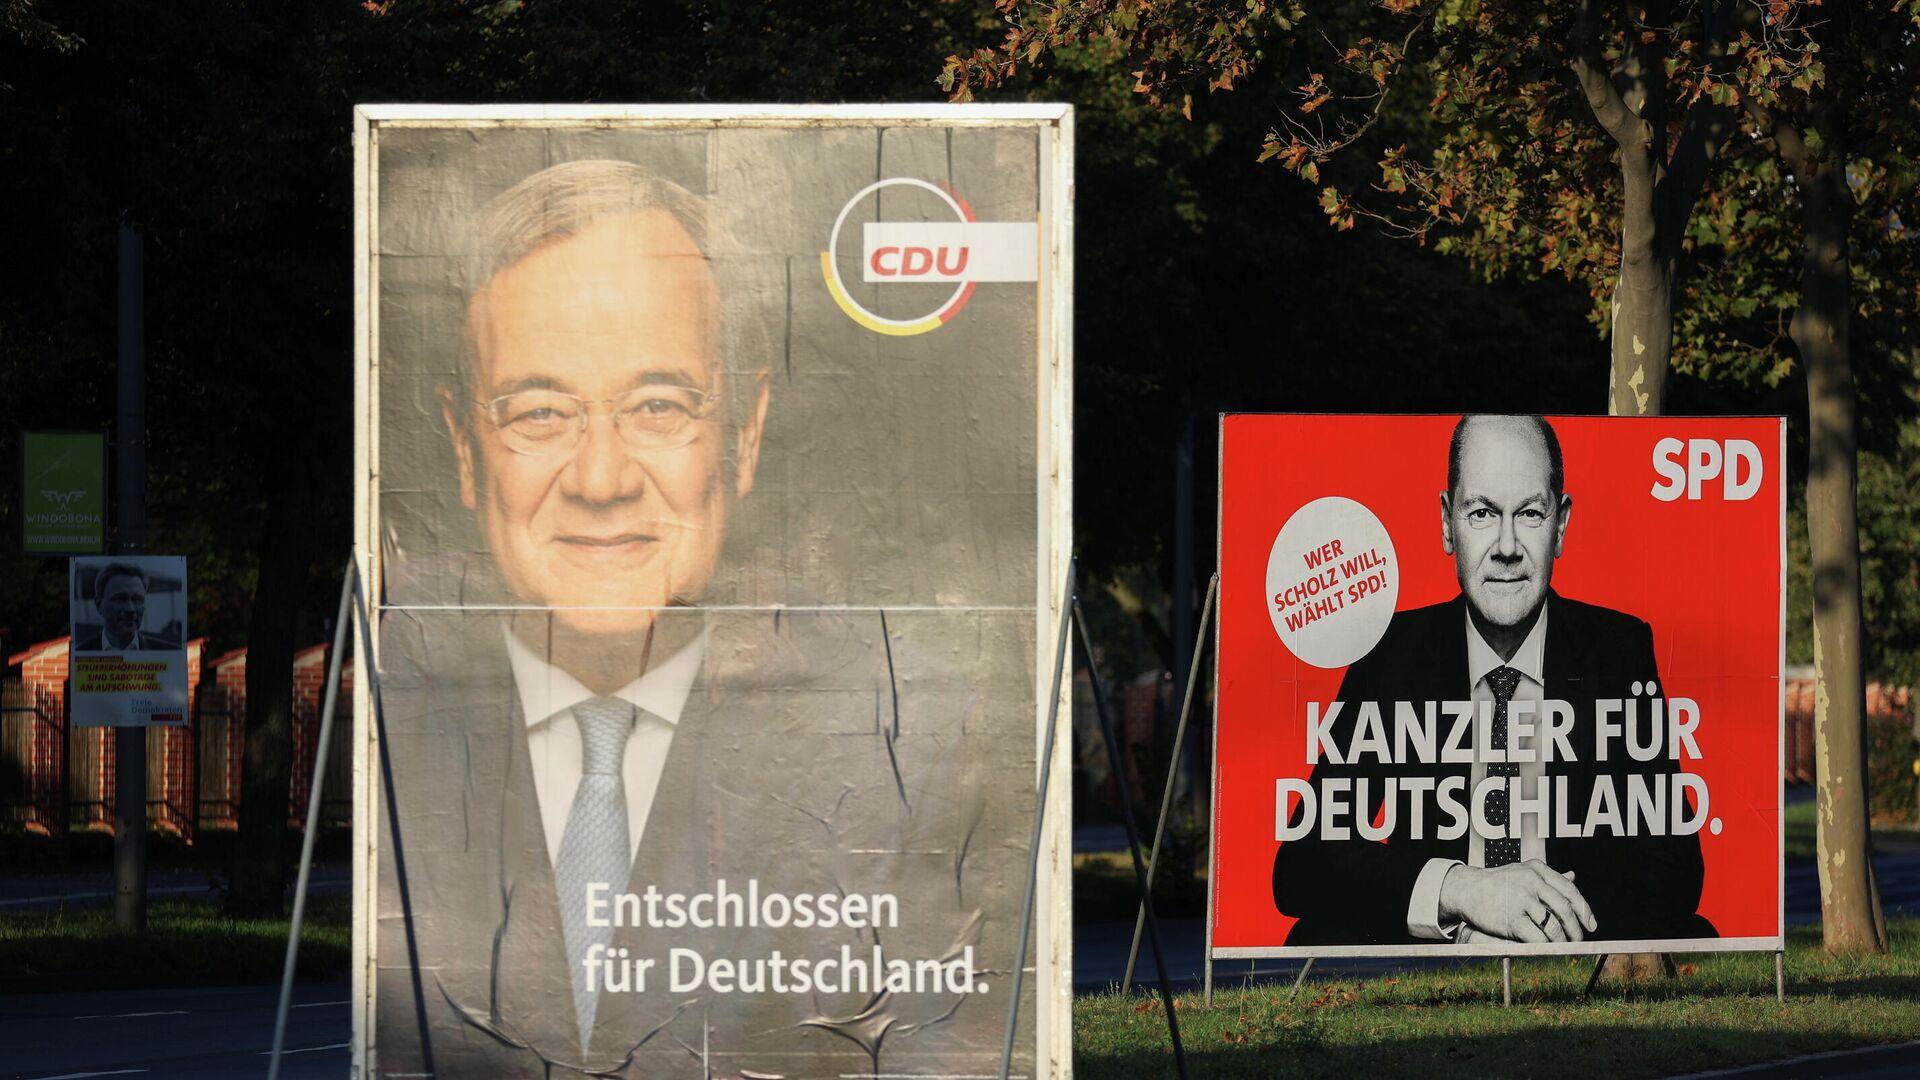 Wahlplakate der deutschen Kanzlerkanzlerkandidaten, des nordrhein-westfälischen Ministerpräsidenten und CDU-Chefs Armin Laschet und des Bundesfinanzministers der Sozialdemokratischen Partei (SPD) Olaf Scholz.  - SNA, 1920, 16.09.2021